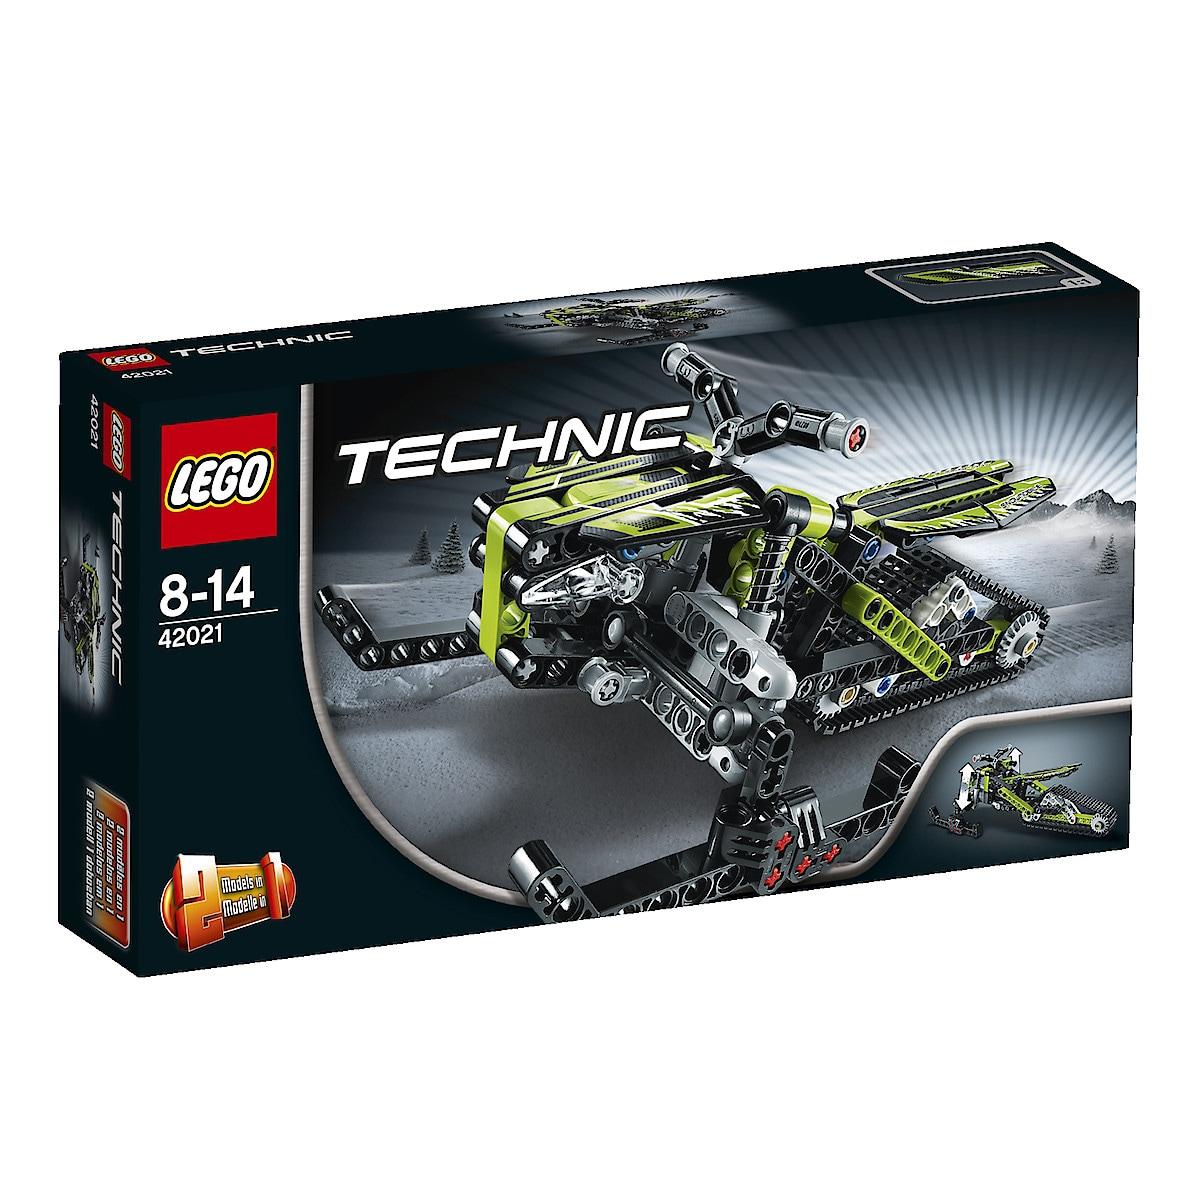 Lego Technic large